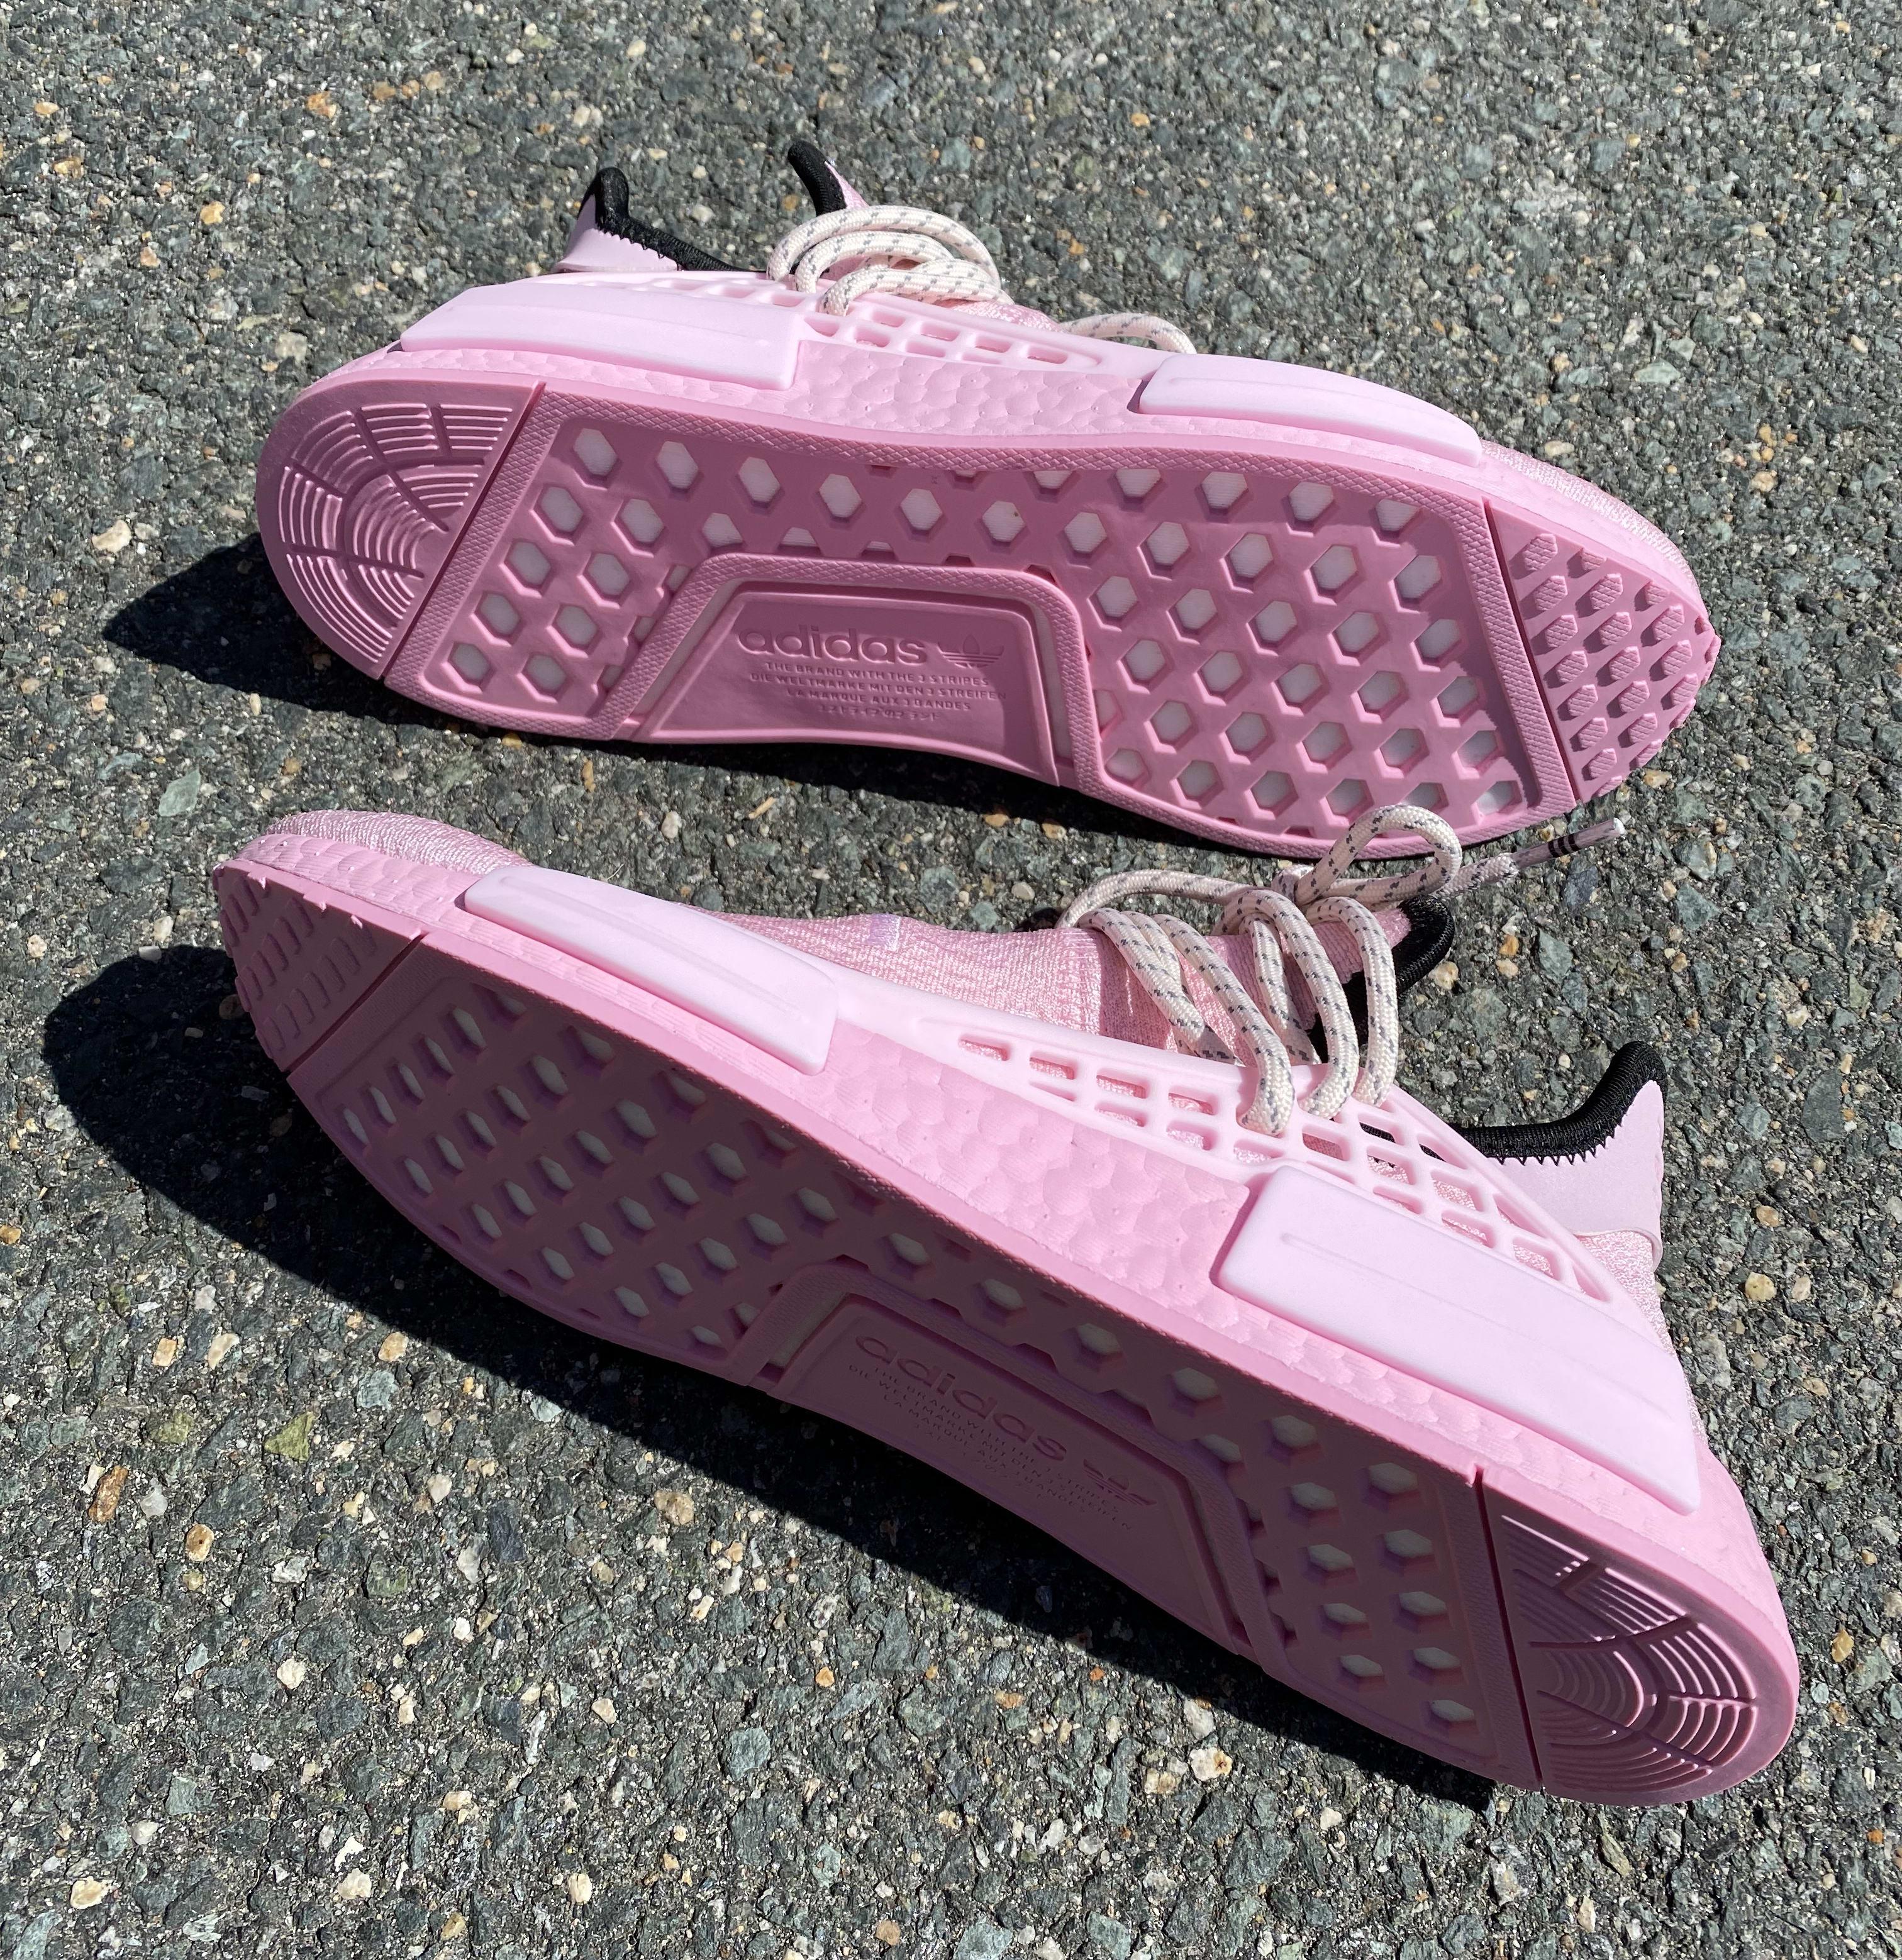 Pharrell x Adidas NMD Hu 'Pink' GY0088 Outsole